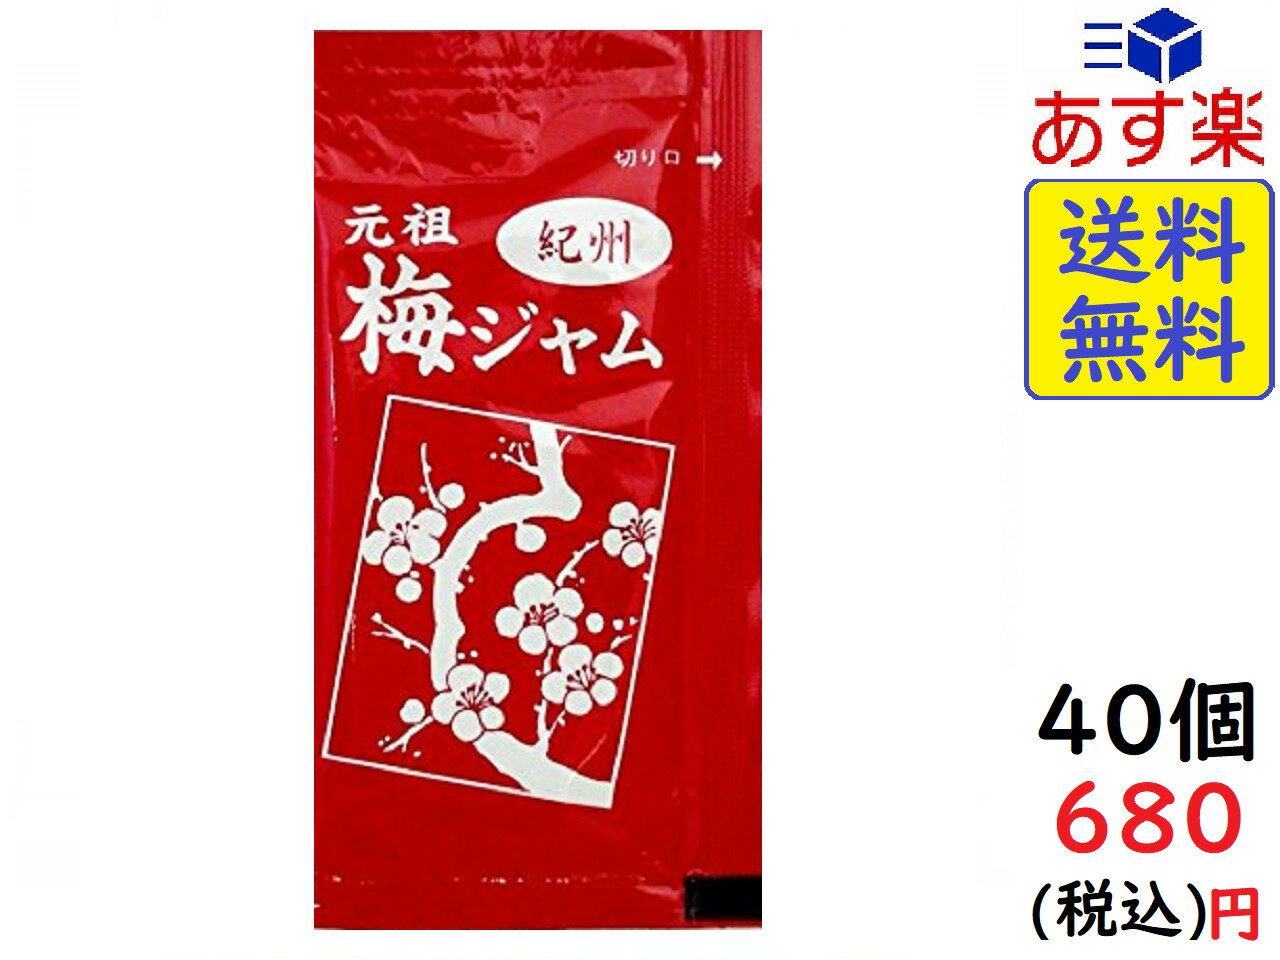 タカミ製菓 梅ジャム 13g×40袋 賞味期限残り3ヶ月以上